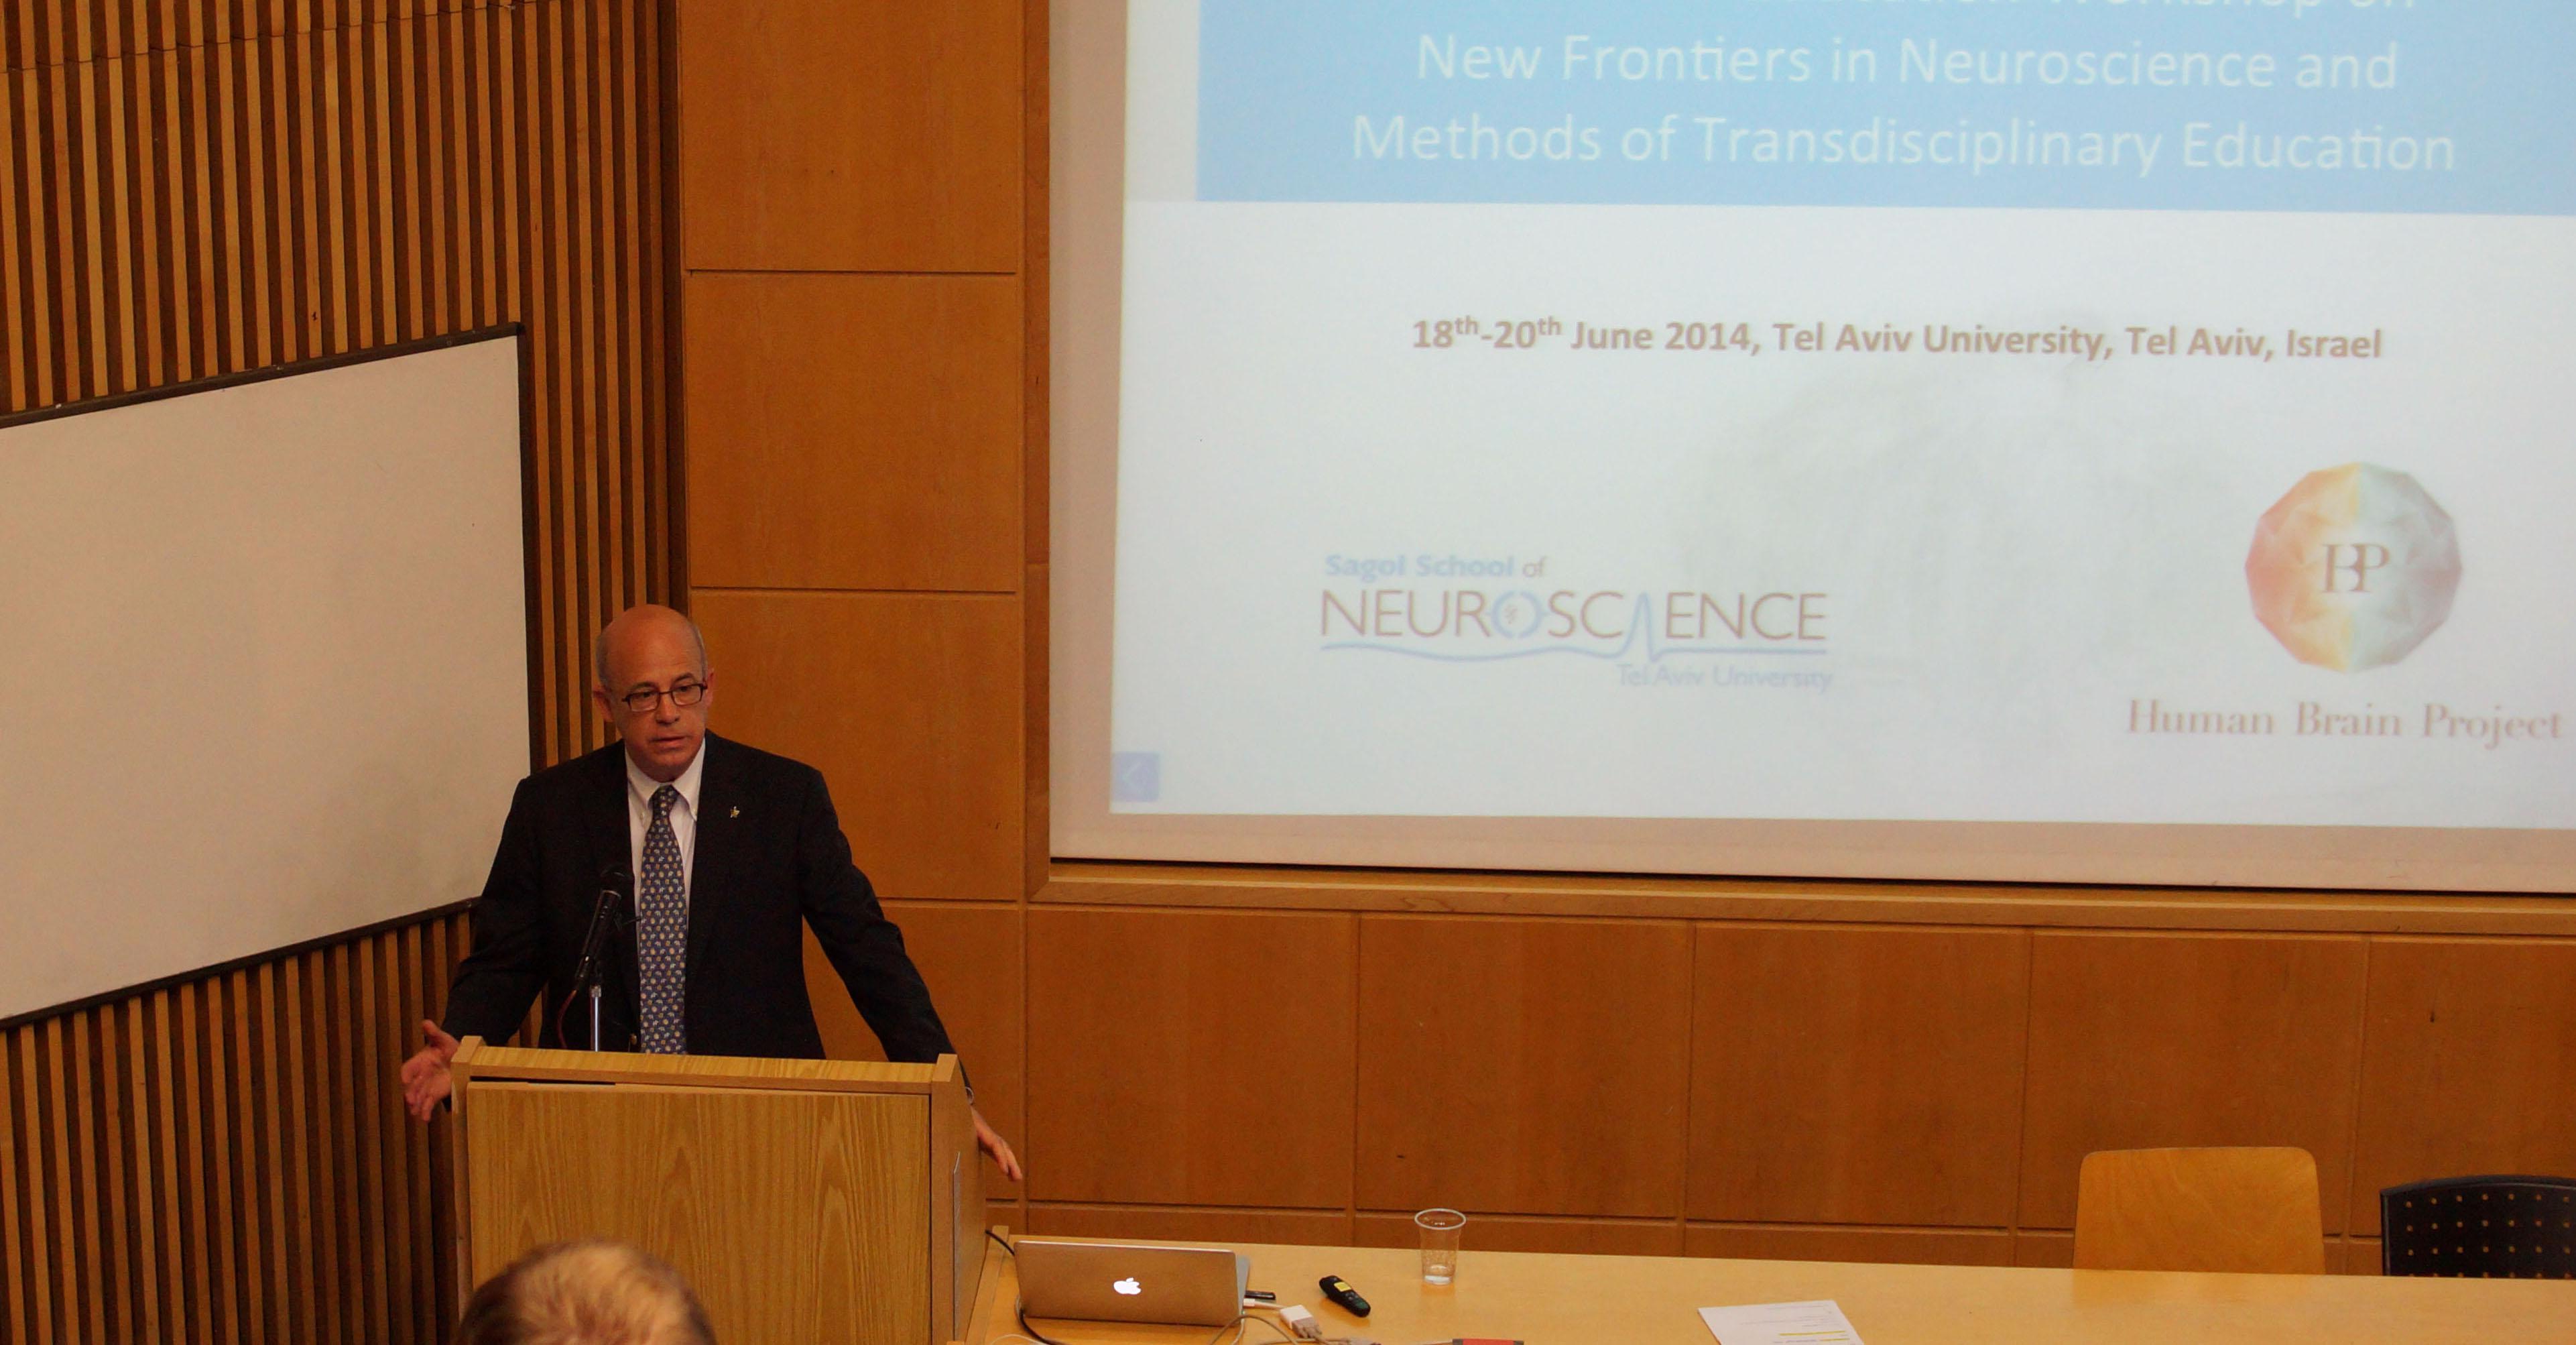 Opening session Dr. Klafter -